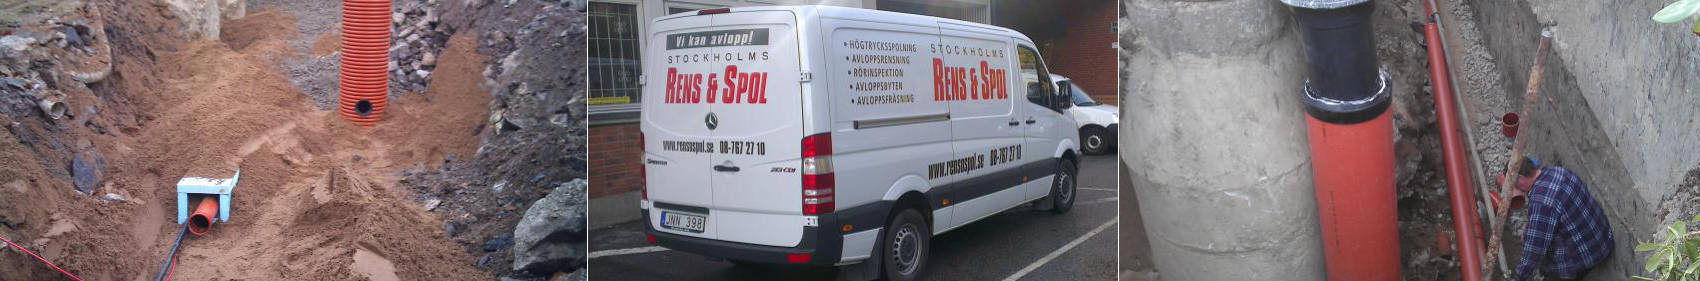 Bilder Rens & Spol Lidingö